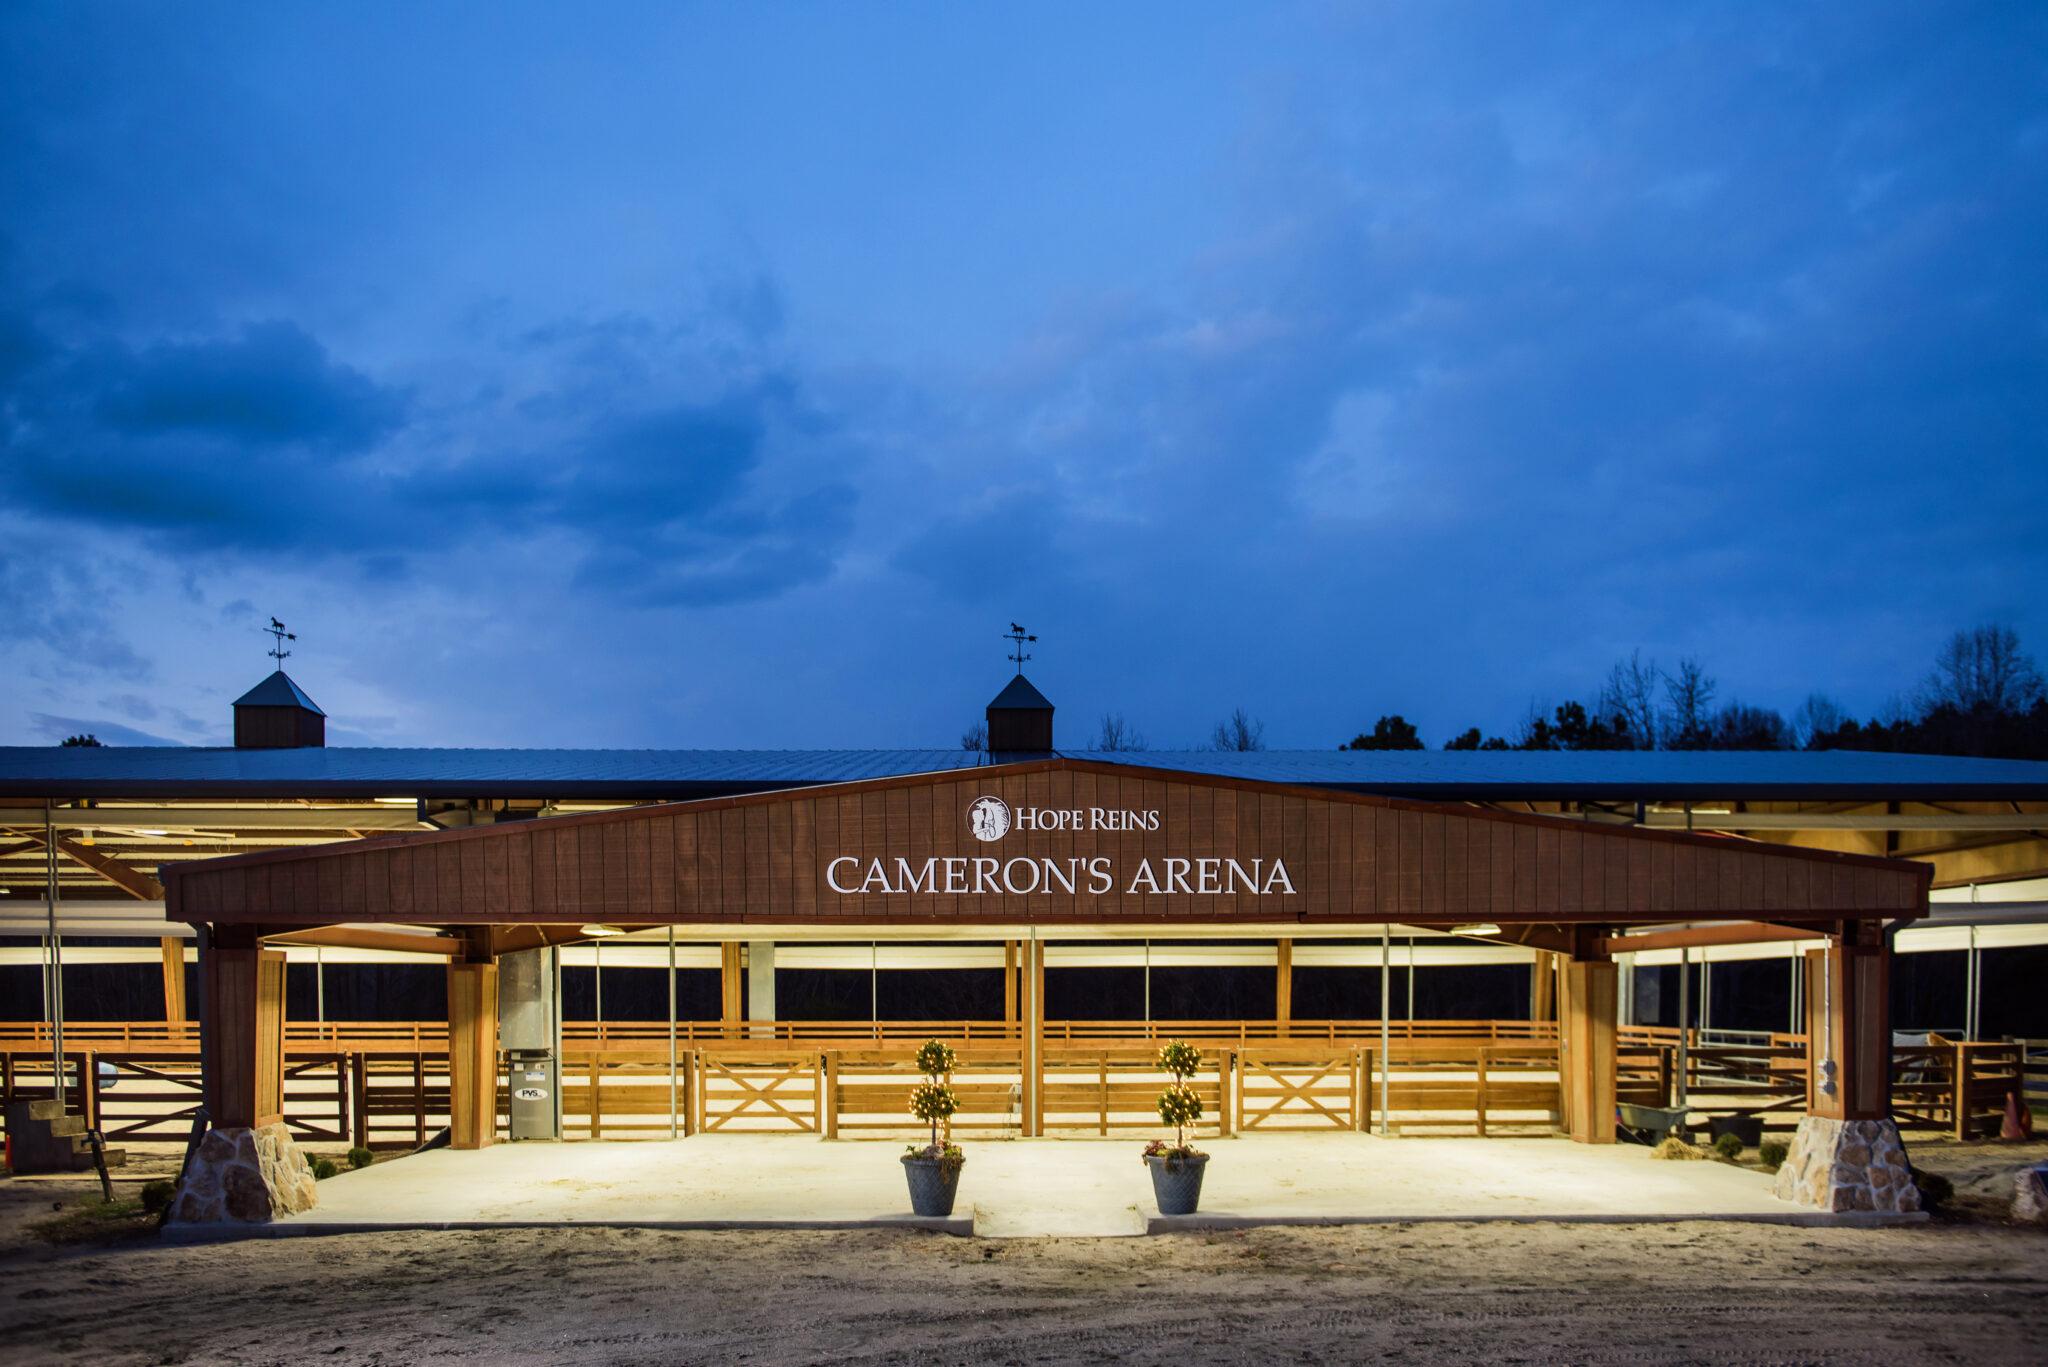 Camerons Arena Design